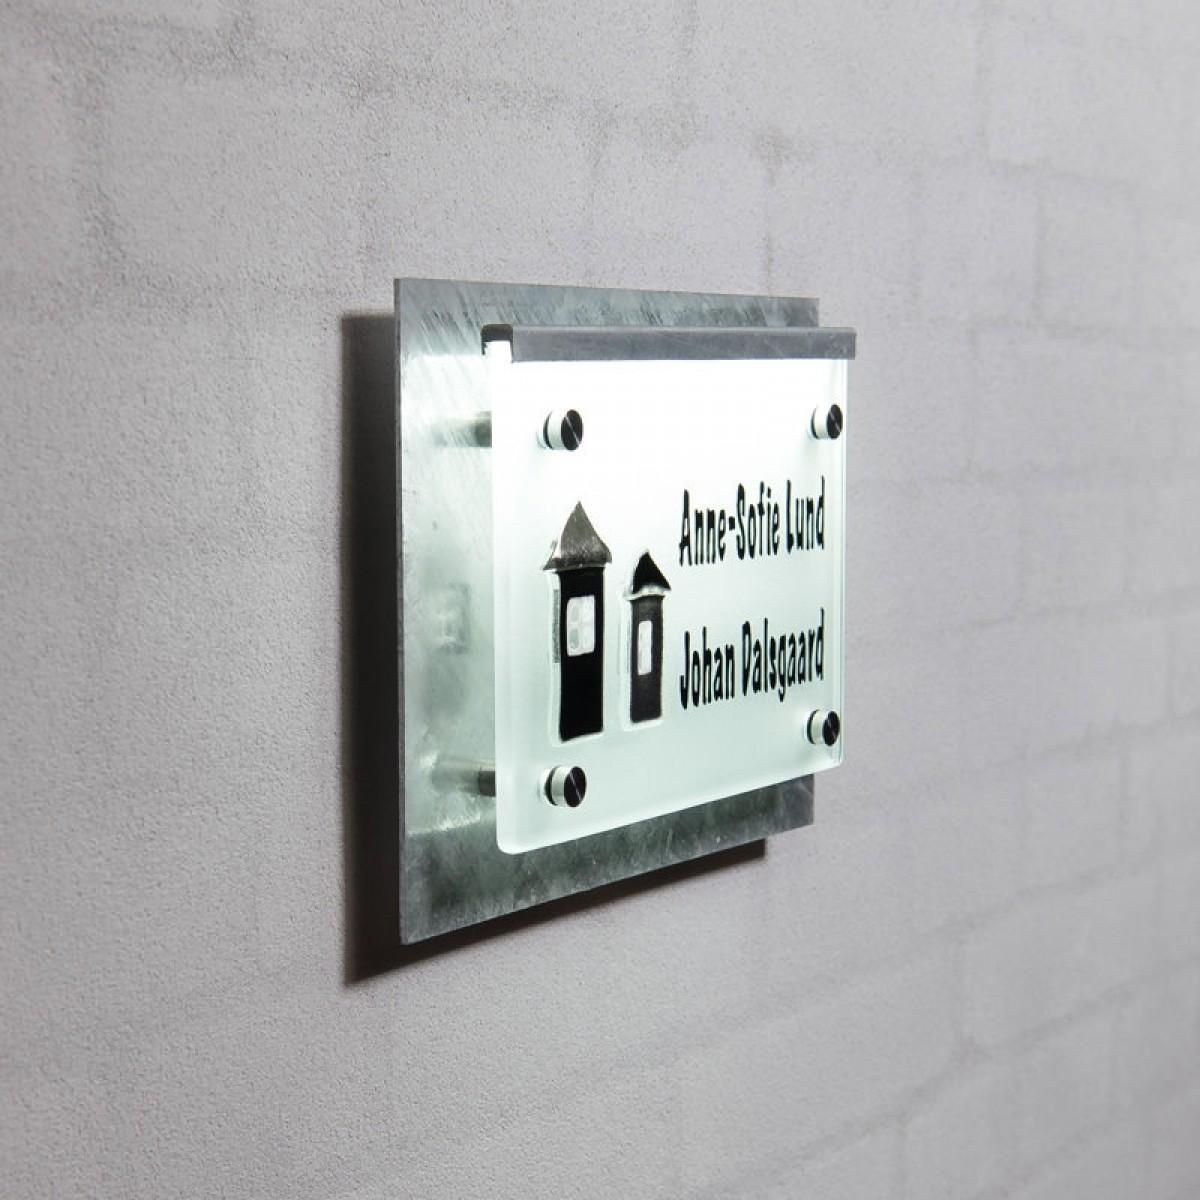 NAVNESKILT 2 HUSE GALVANISERET MATTERET GLAS LED LYS-01